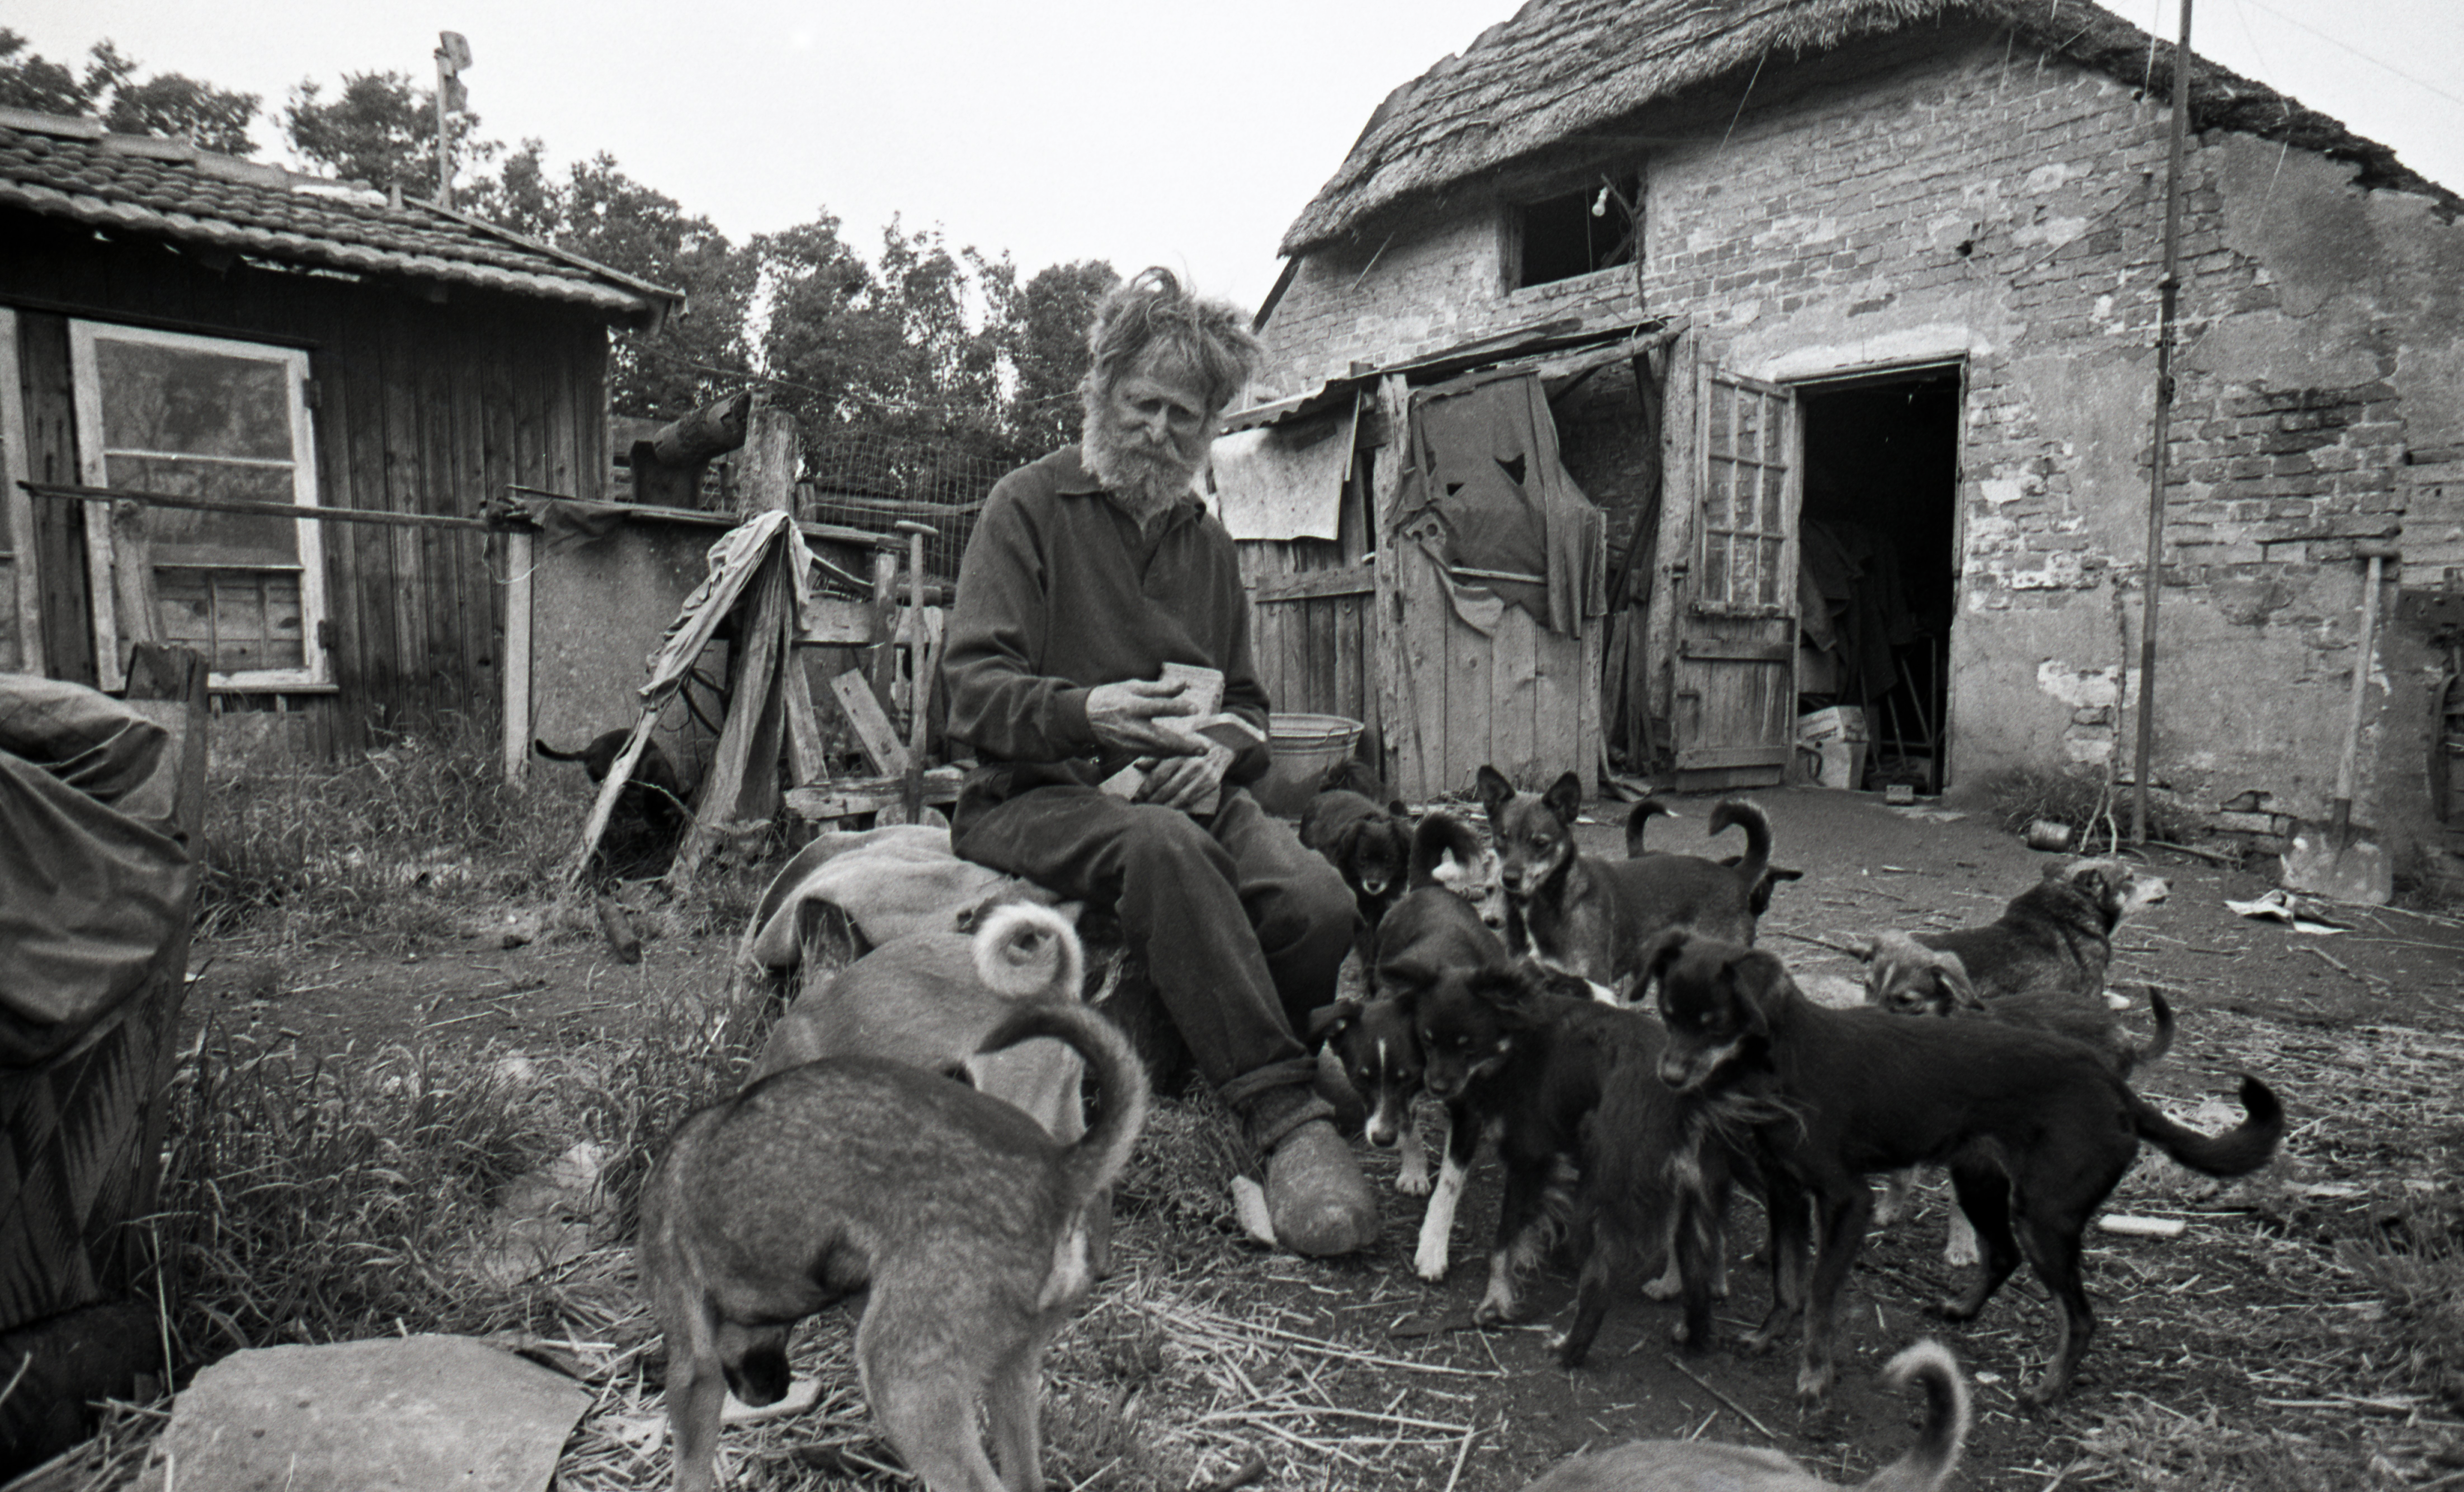 Grard Sientje met honden voor huis + contr